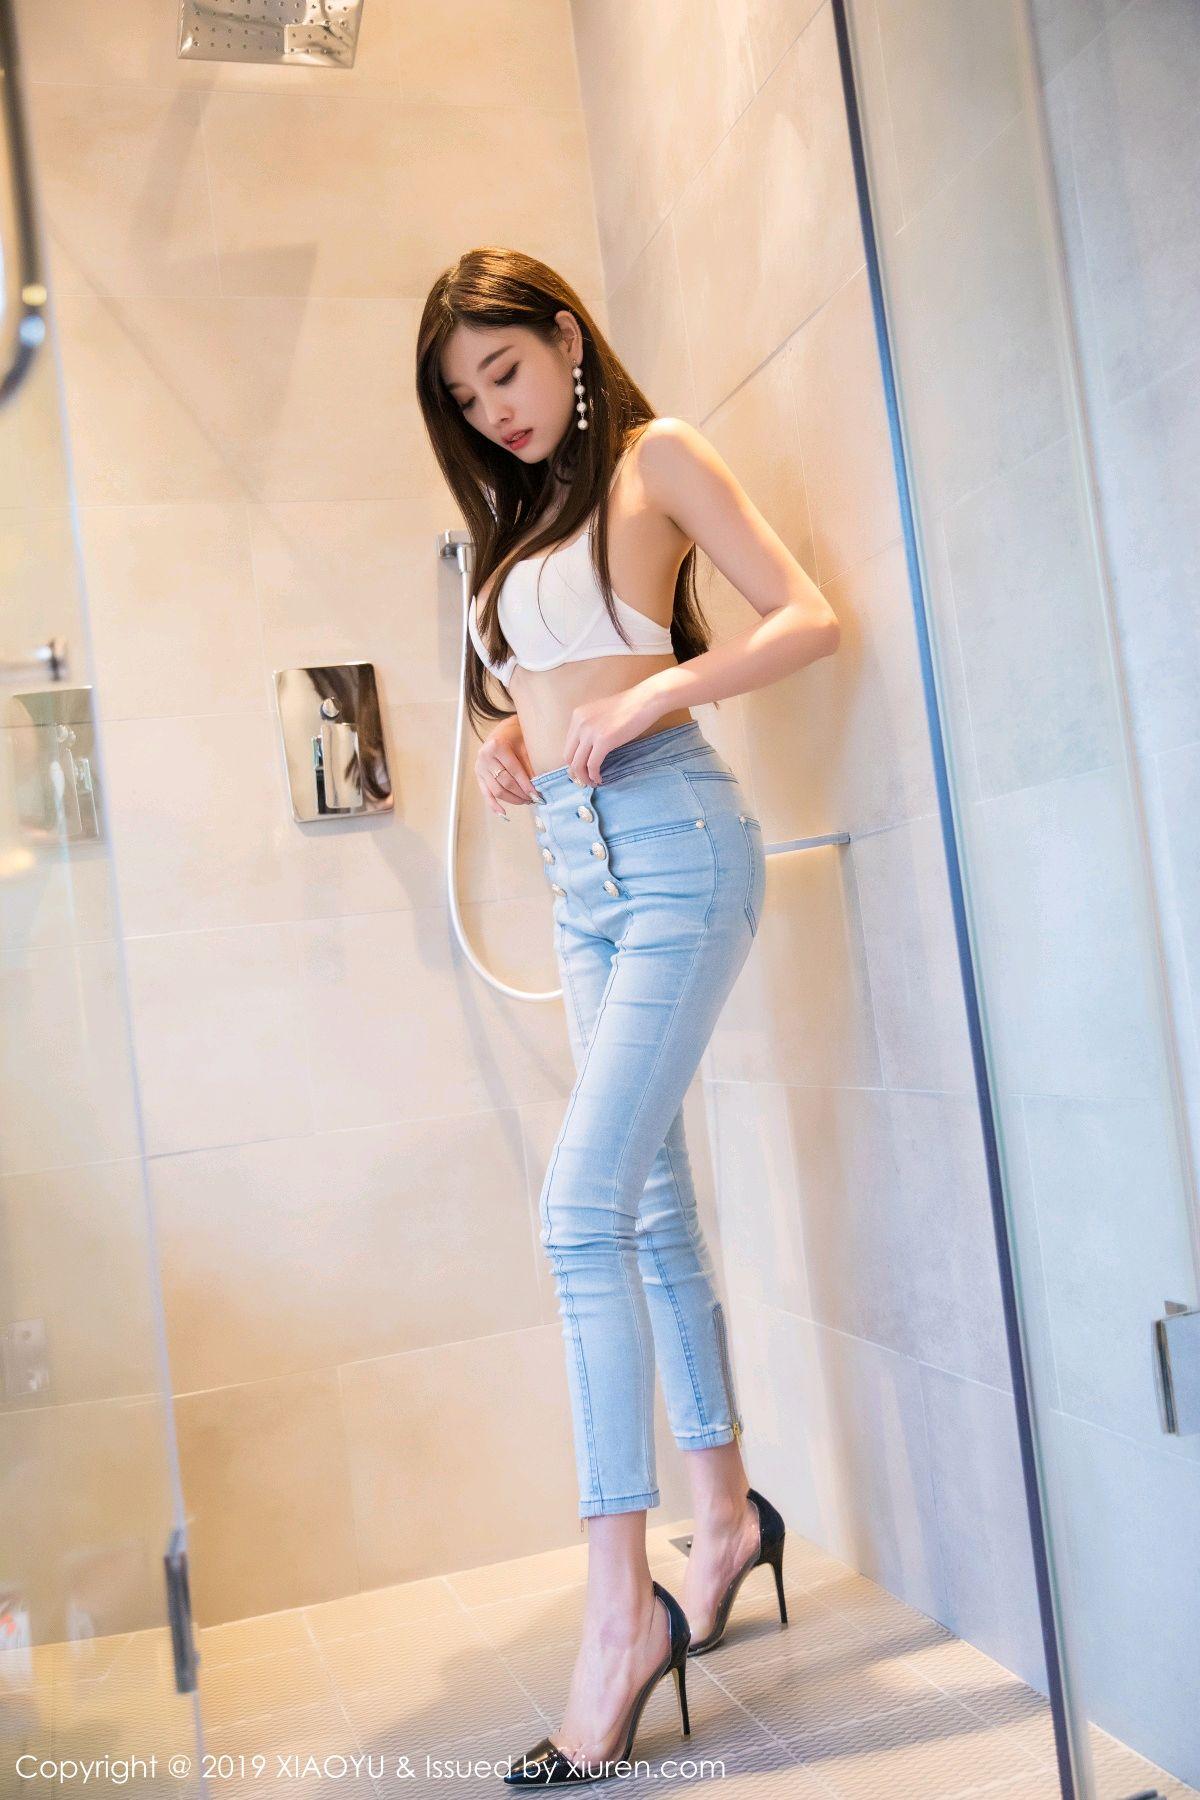 [XiaoYu] Vol.109 Yang Chen Chen 6P, Underwear, XiaoYu, Yang Chen Chen